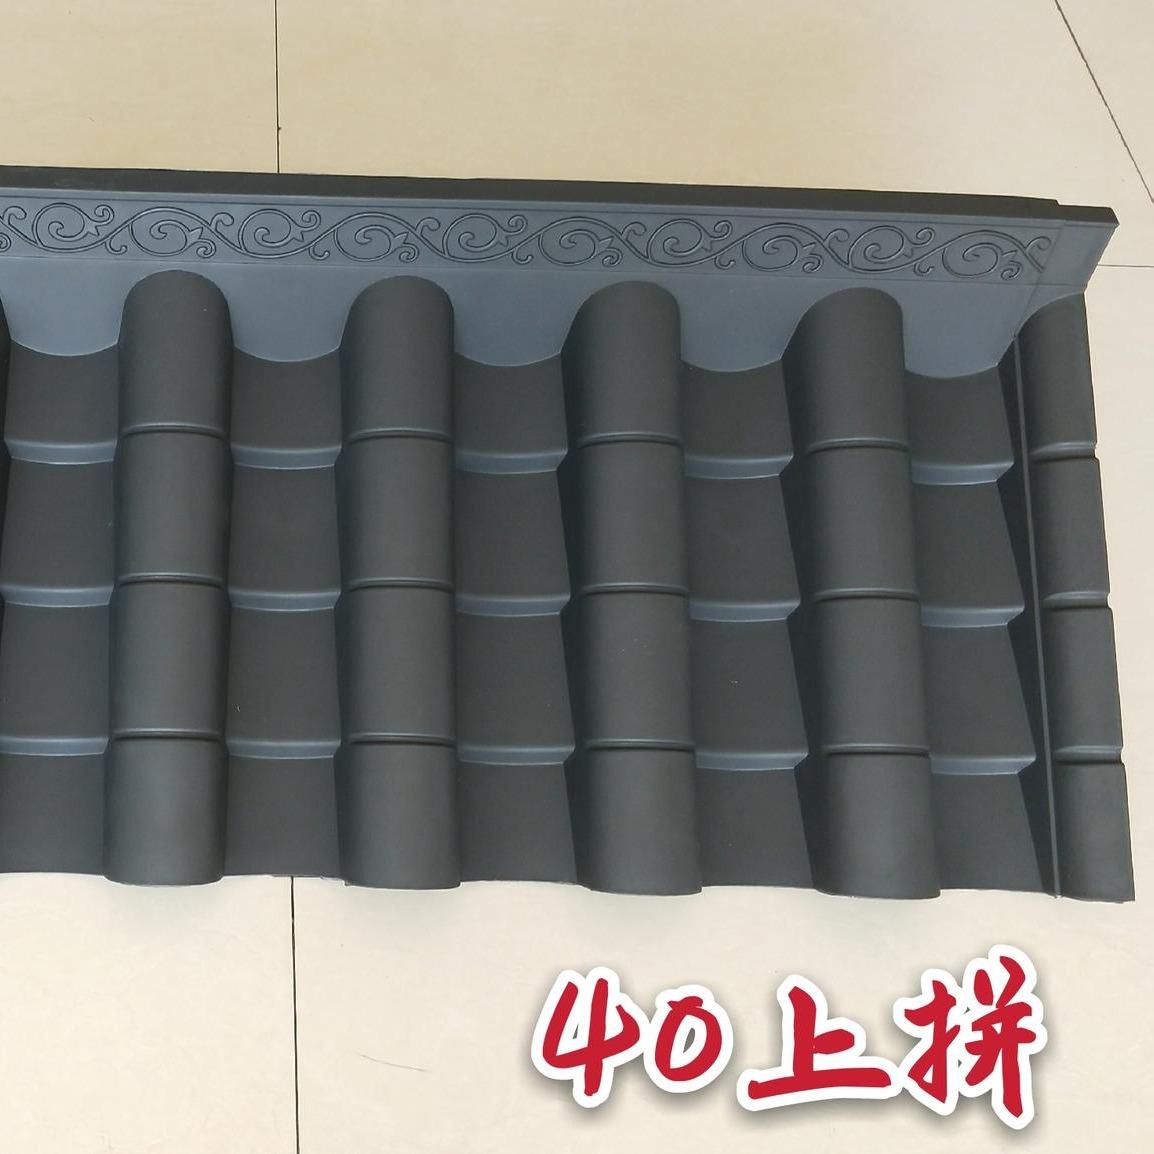 厂家直销PP塑料门头瓦 仿古瓦饭店装饰 110X40中式一体瓦